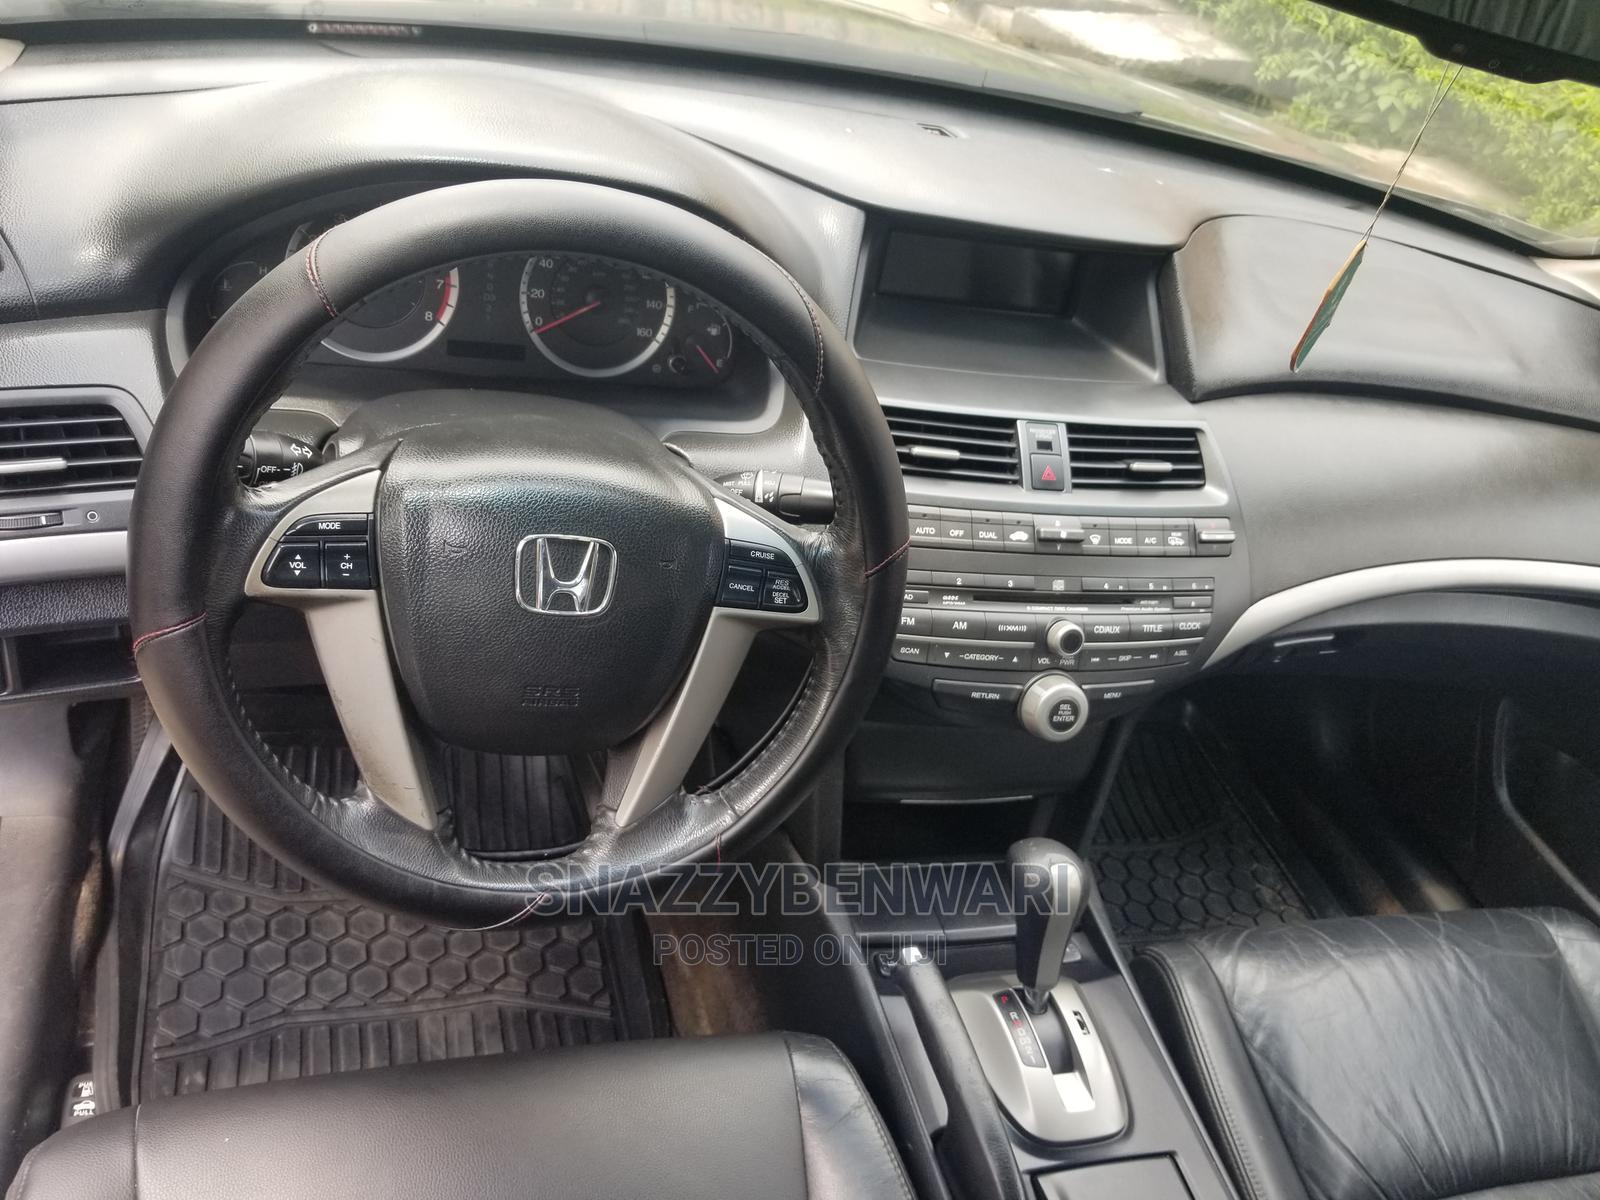 Archive: Honda Accord 2008 2.4 EX-L Automatic Gray